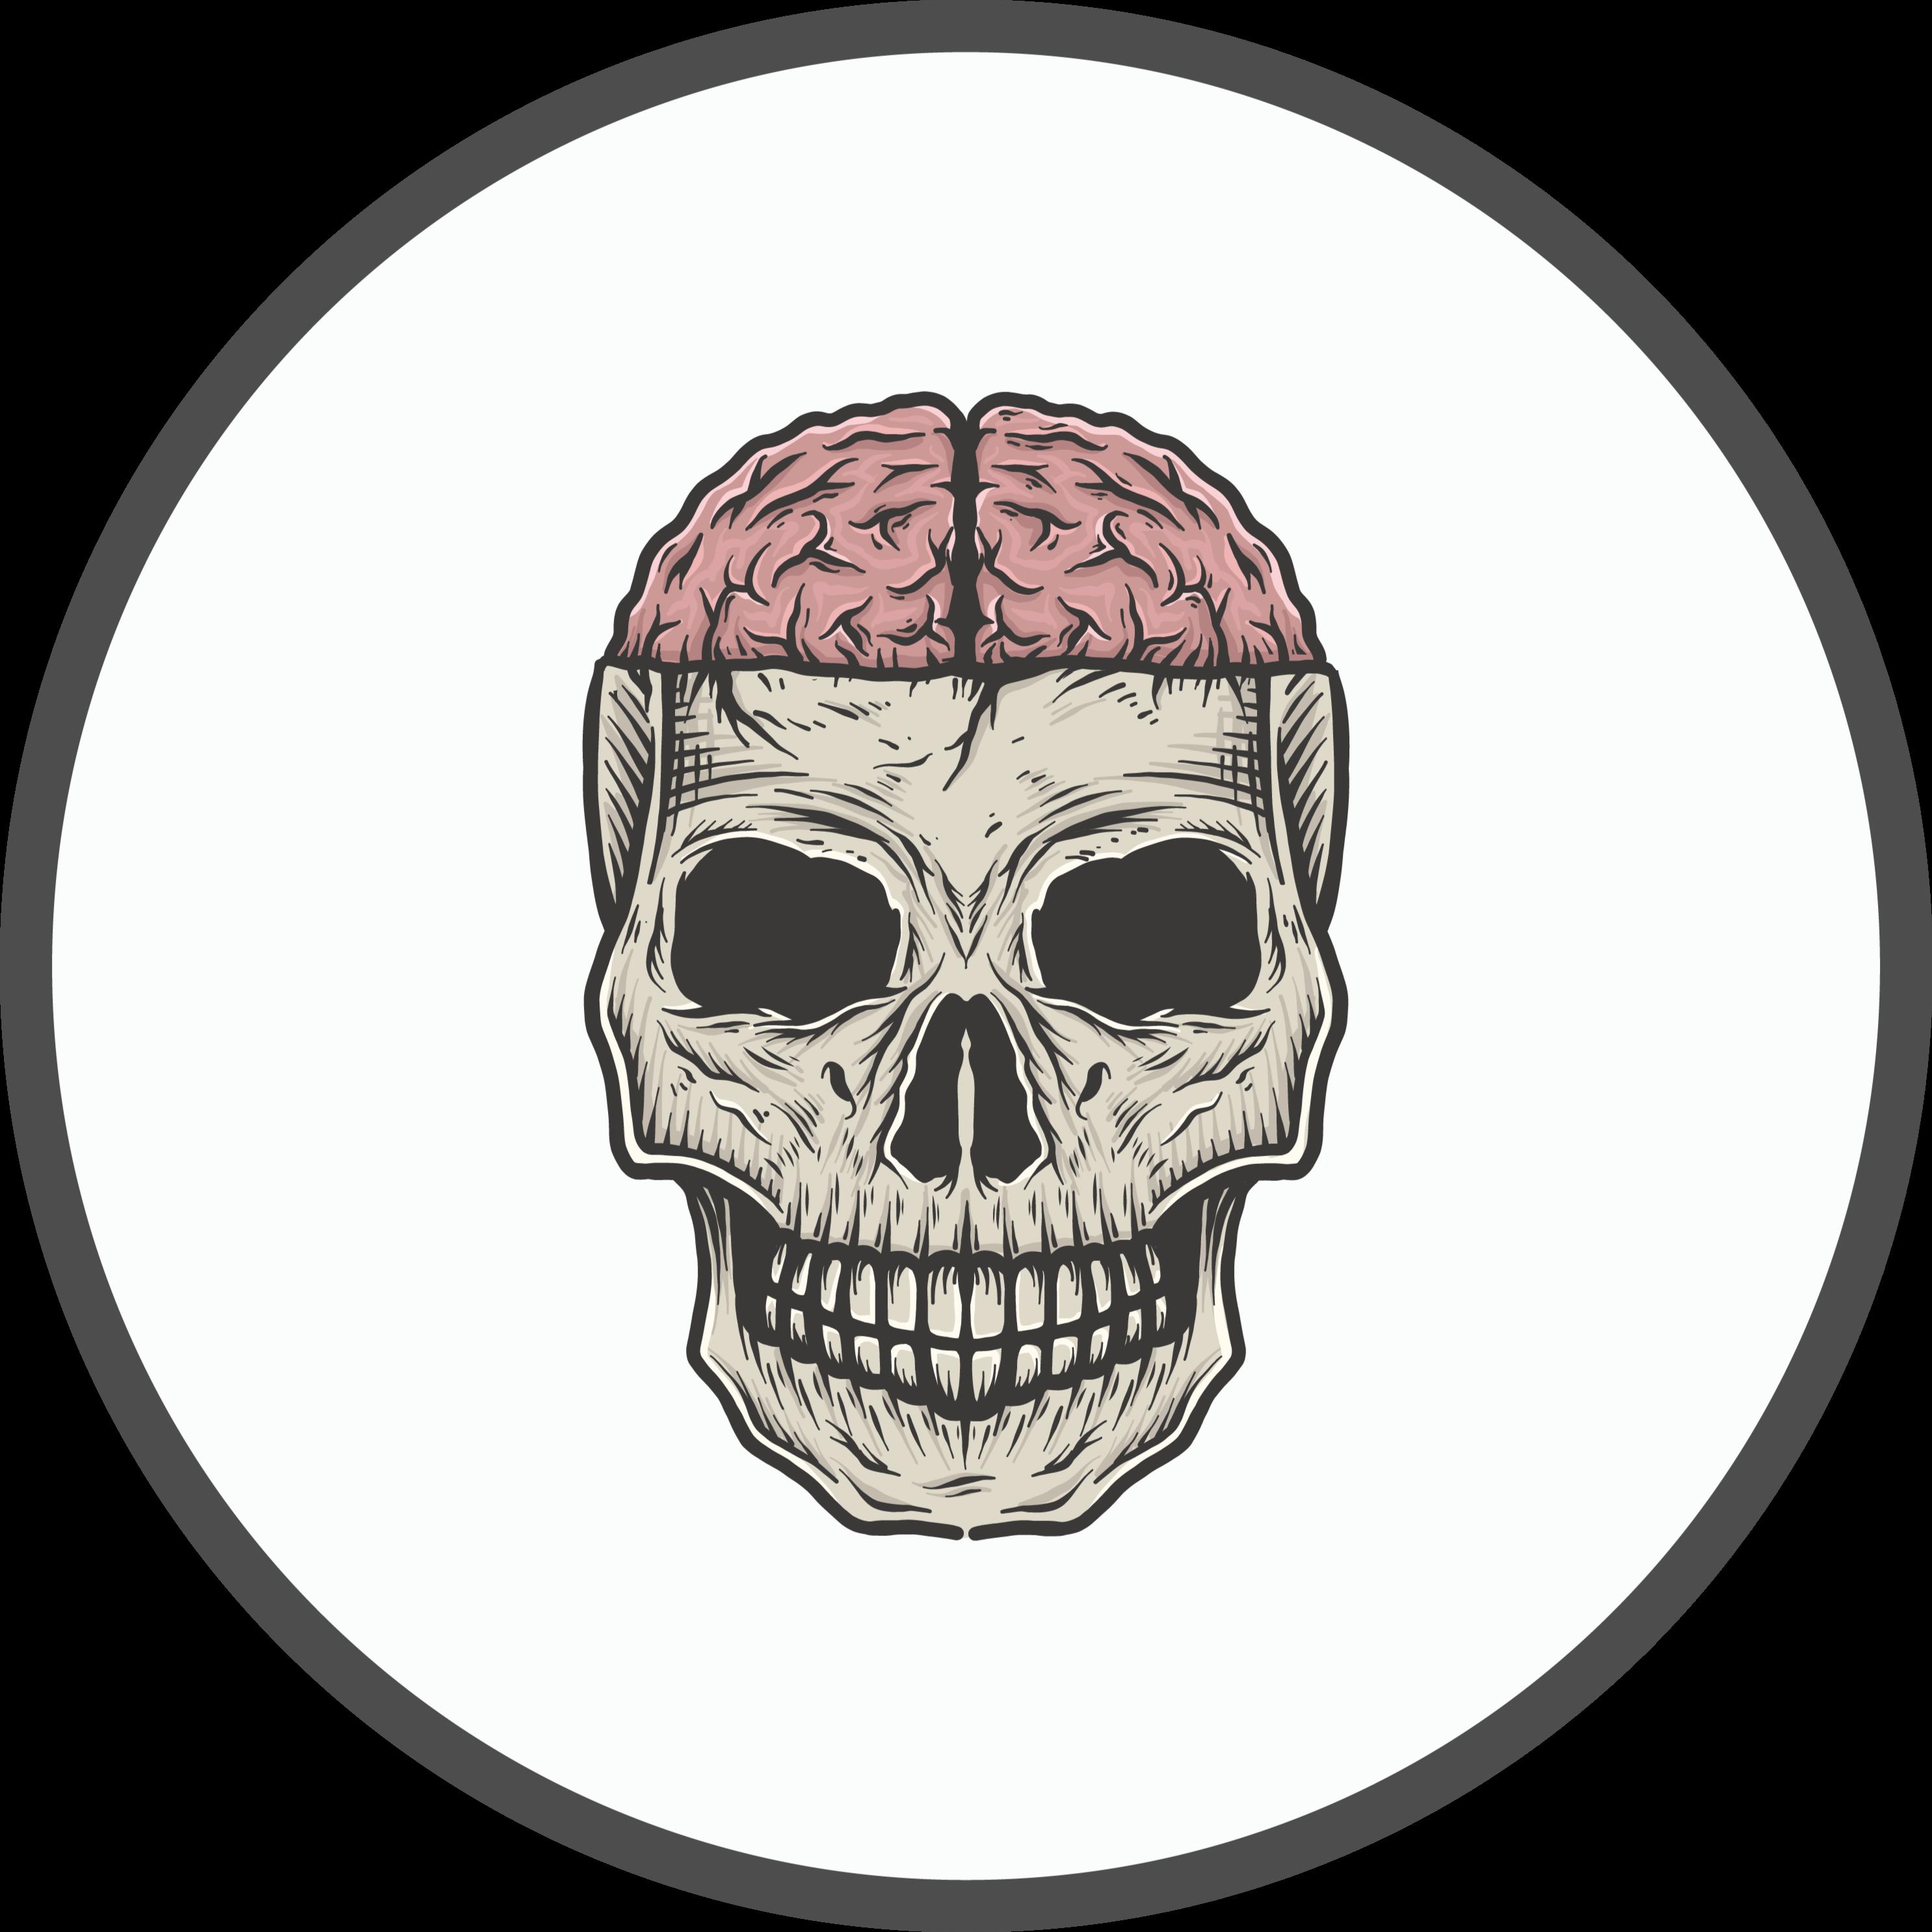 TenVinilo. Alfombra vinilo juvenil de cerebro y cráneo. Alfombra vinílica habitación juvenil de cerebro y cráneo perfecta para nuestros clientes amantes de las calaveras ¡Envío exprés!